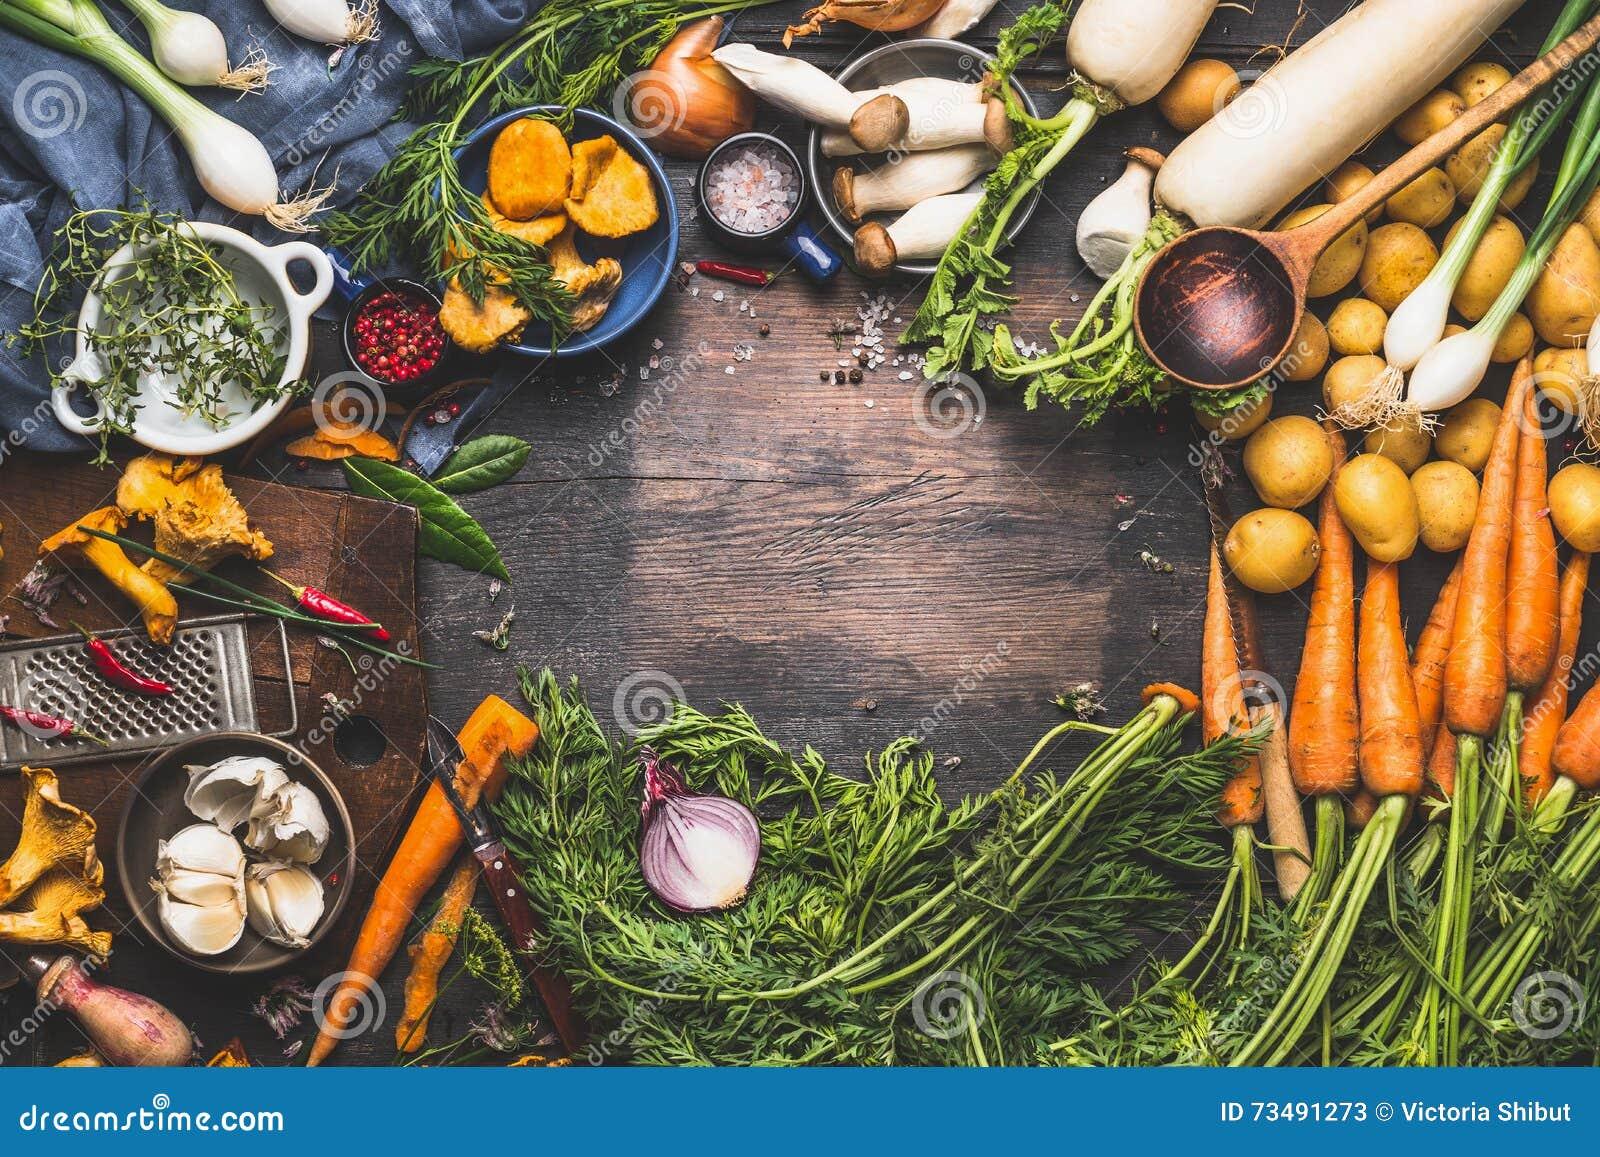 Vegetais que cozinham ingredientes para pratos de vegetariano saborosos Cenoura, batata, cebola, cogumelos, alho, tomilho, salsa